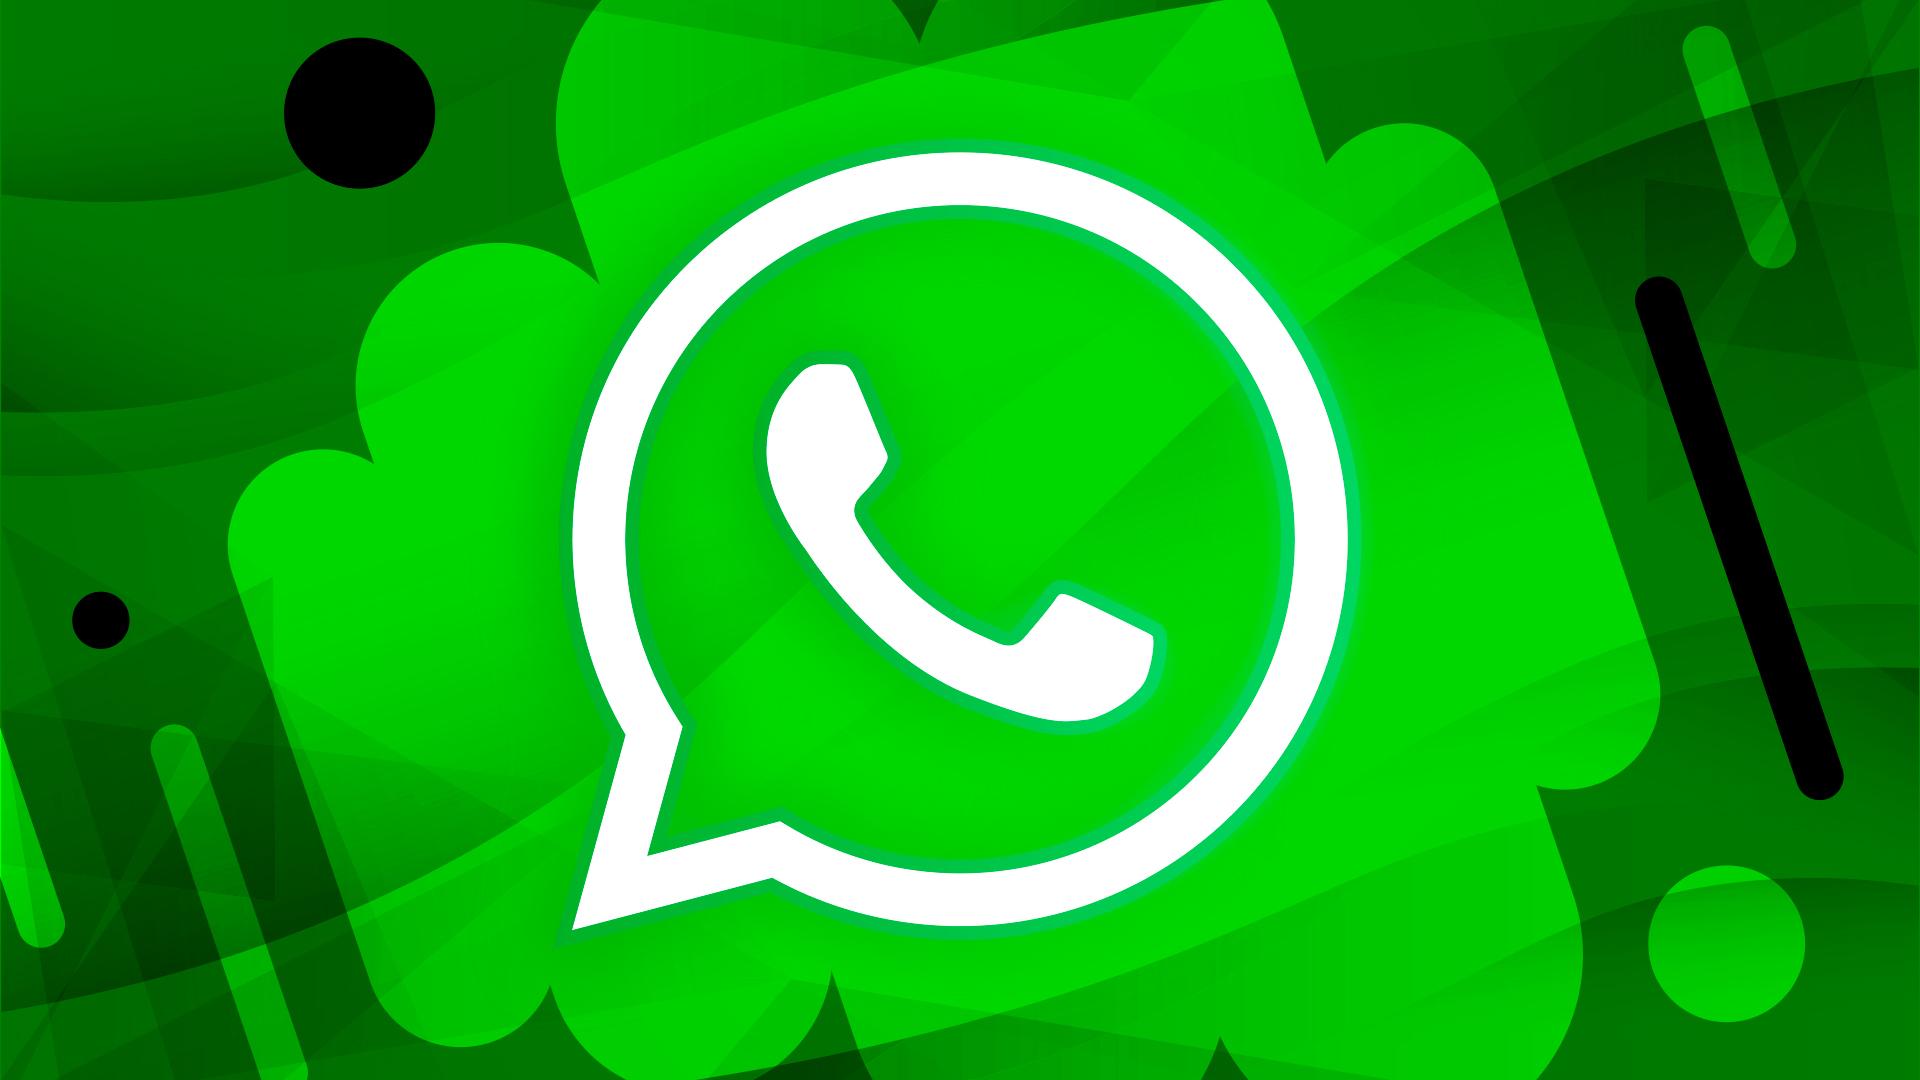 Messenger, whatsapp, Instant Messaging, WhatsApp Logo